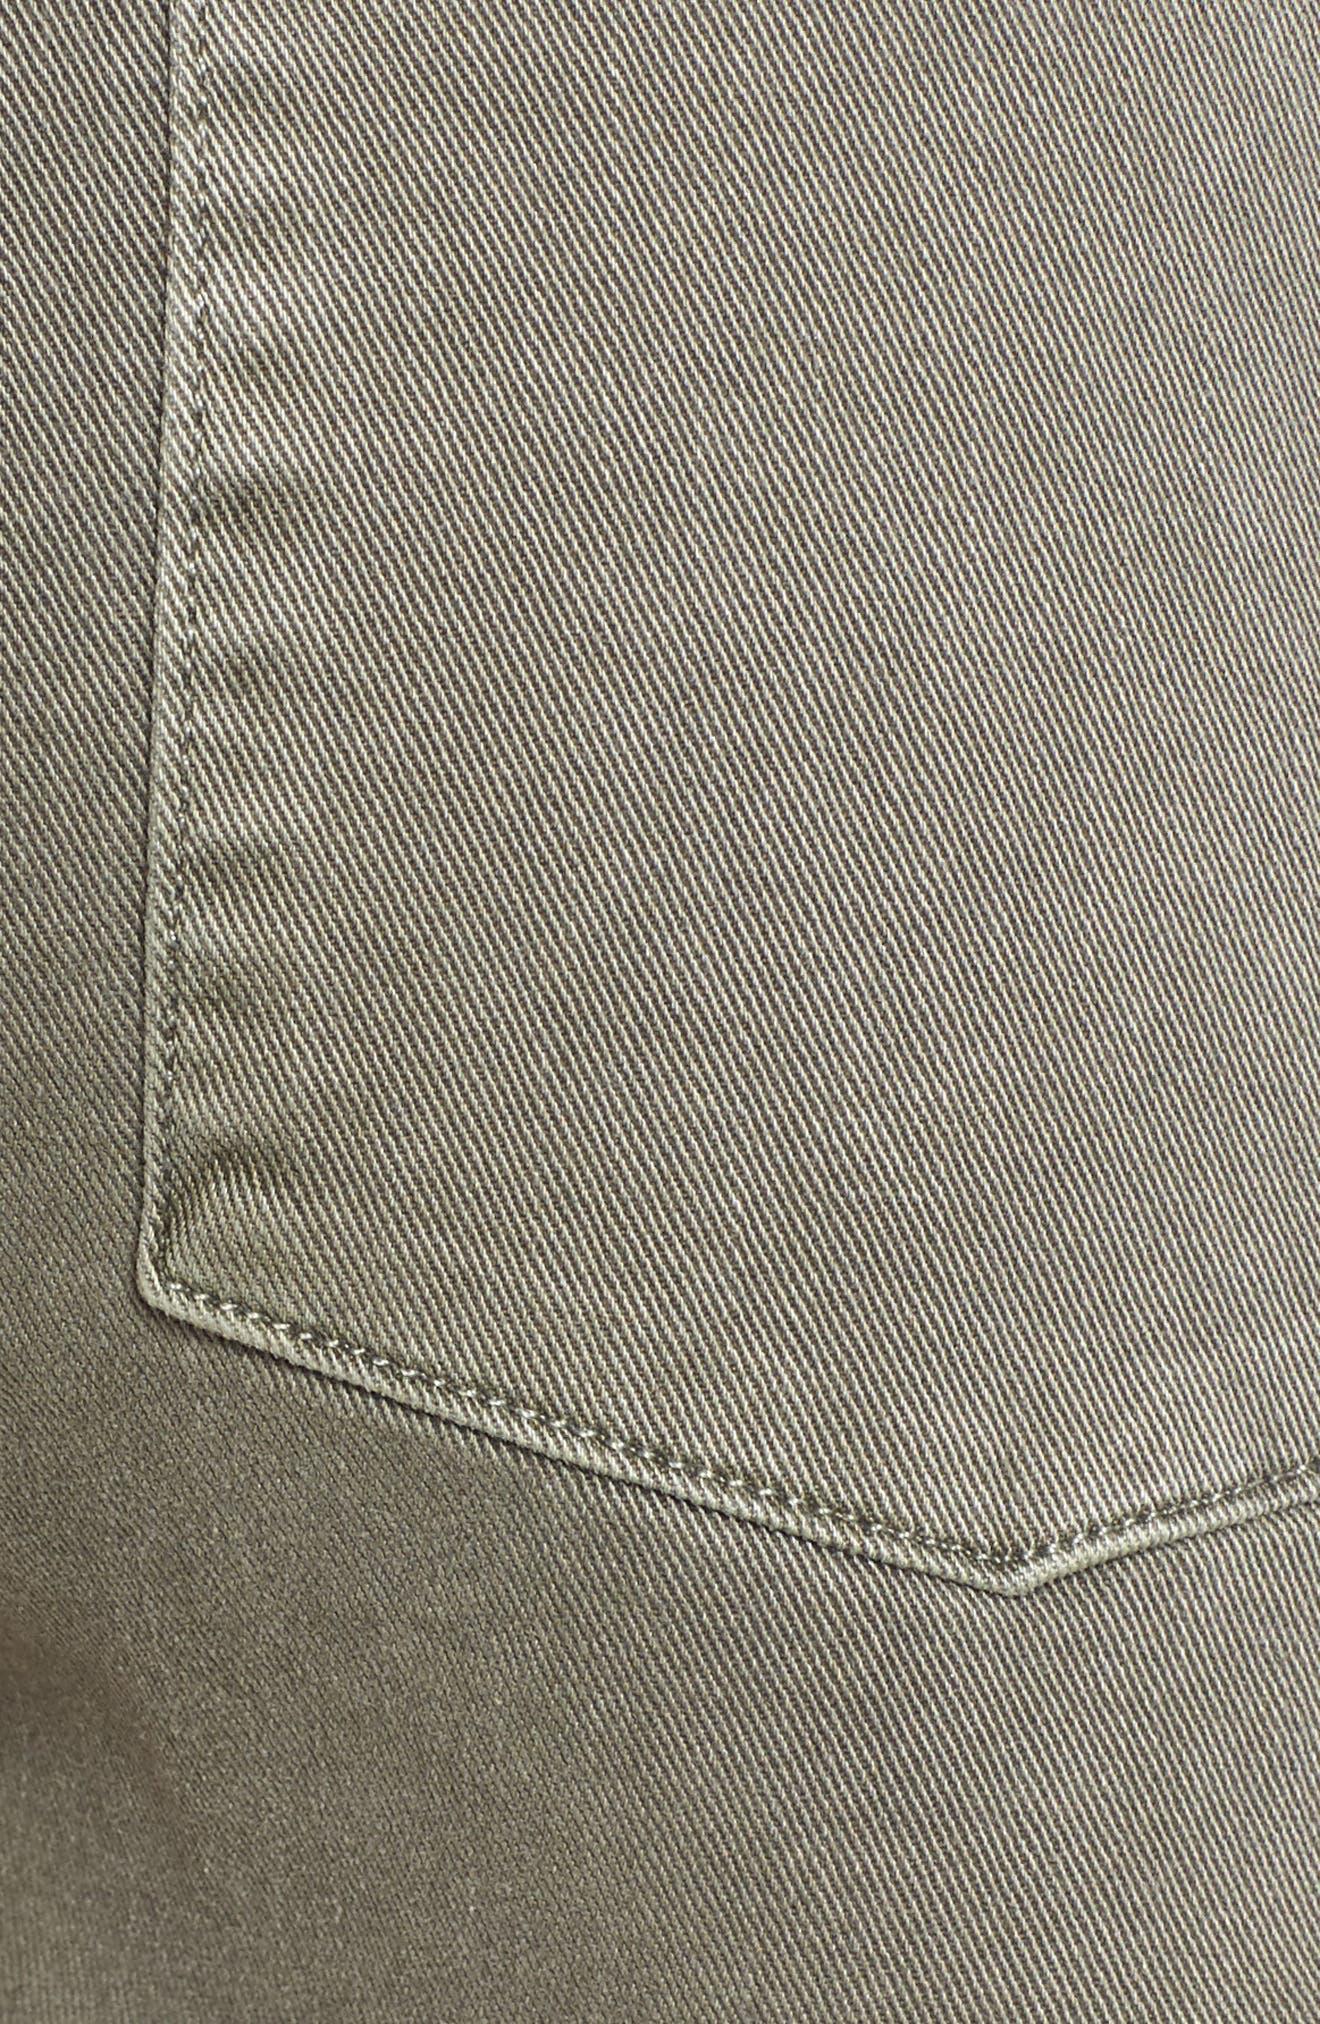 Alternate Image 5  - Hudson Jeans MKA Military High Waist Shorts